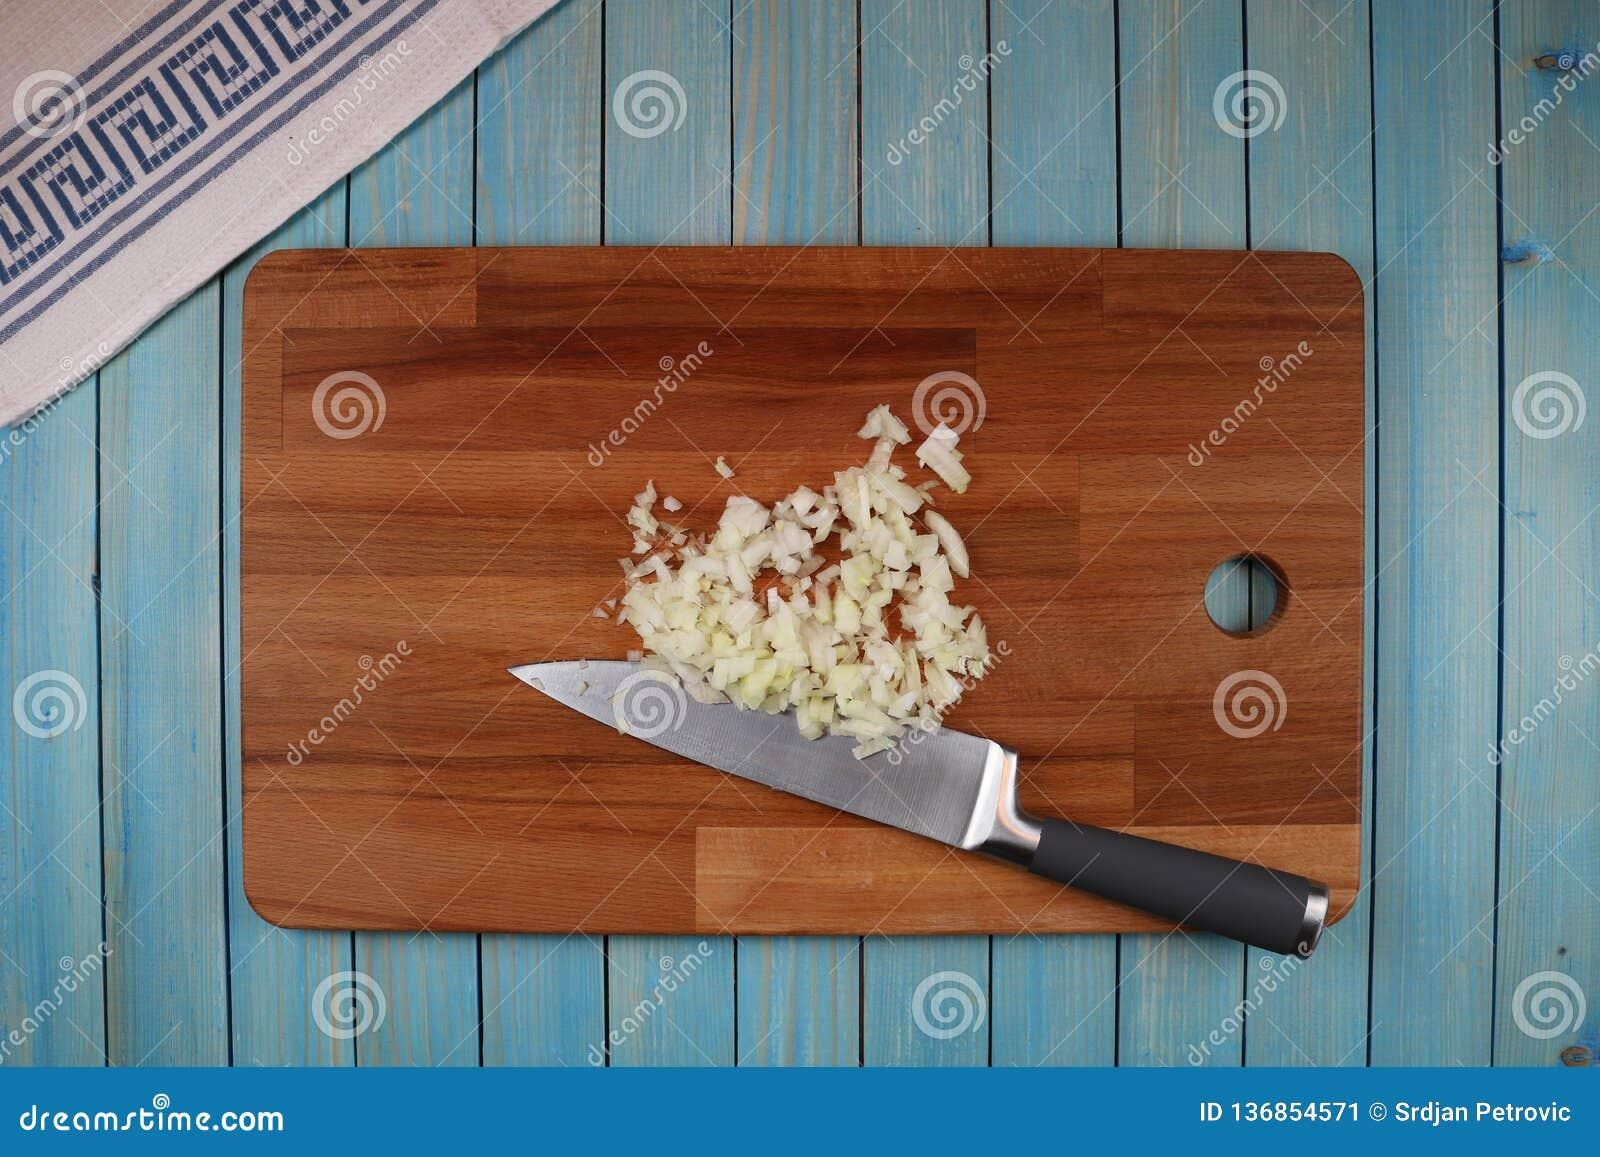 Cabeza de la cebolla negra en un tablero de madera para cortar verduras